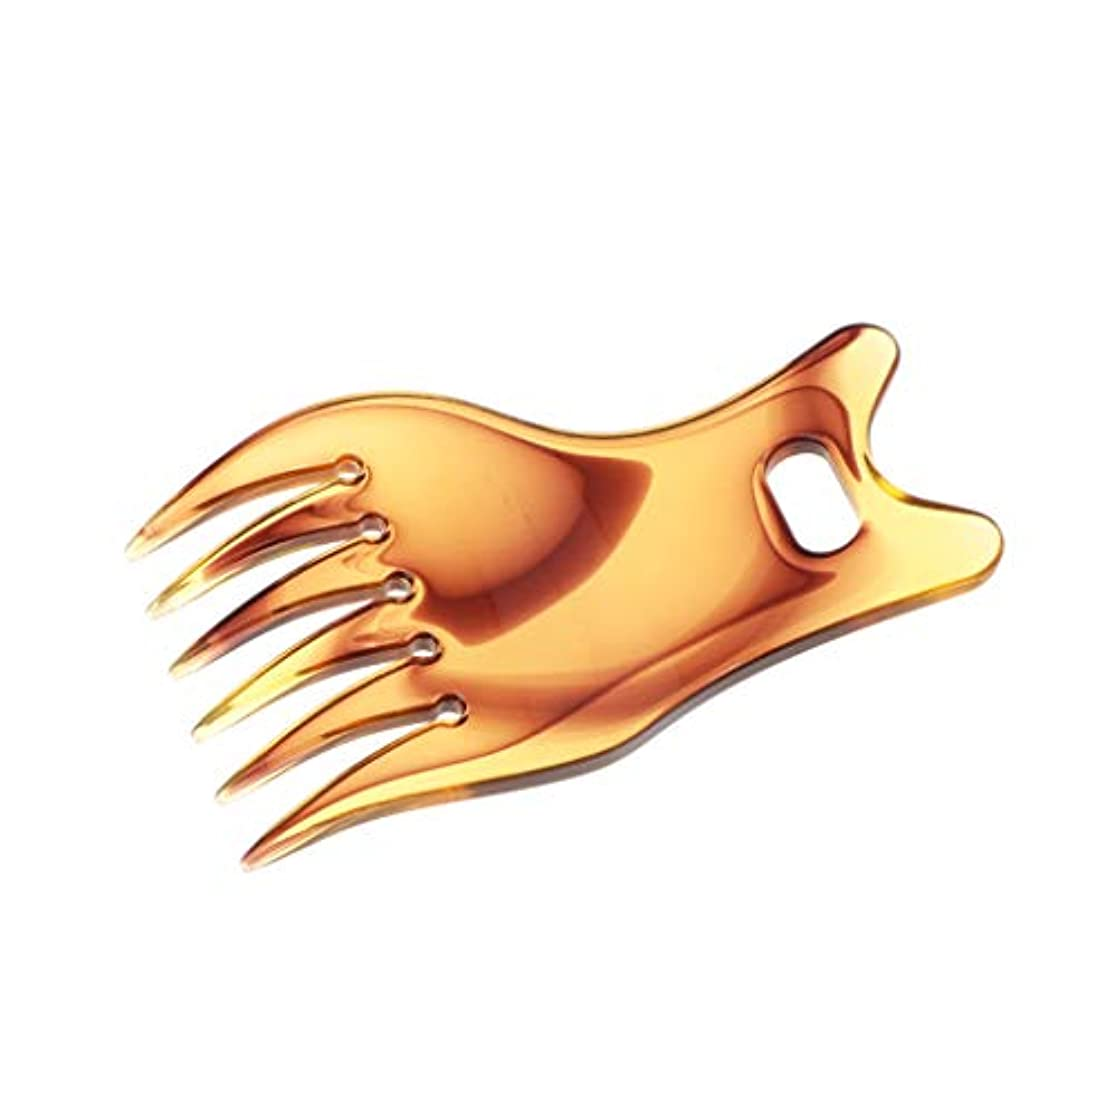 市長豆腐感じヘアコーム ピックコーム 広い歯 サロン 理容 染料 理髪 ヘアスタイリング 帯電防止 耐熱性 - 褐色